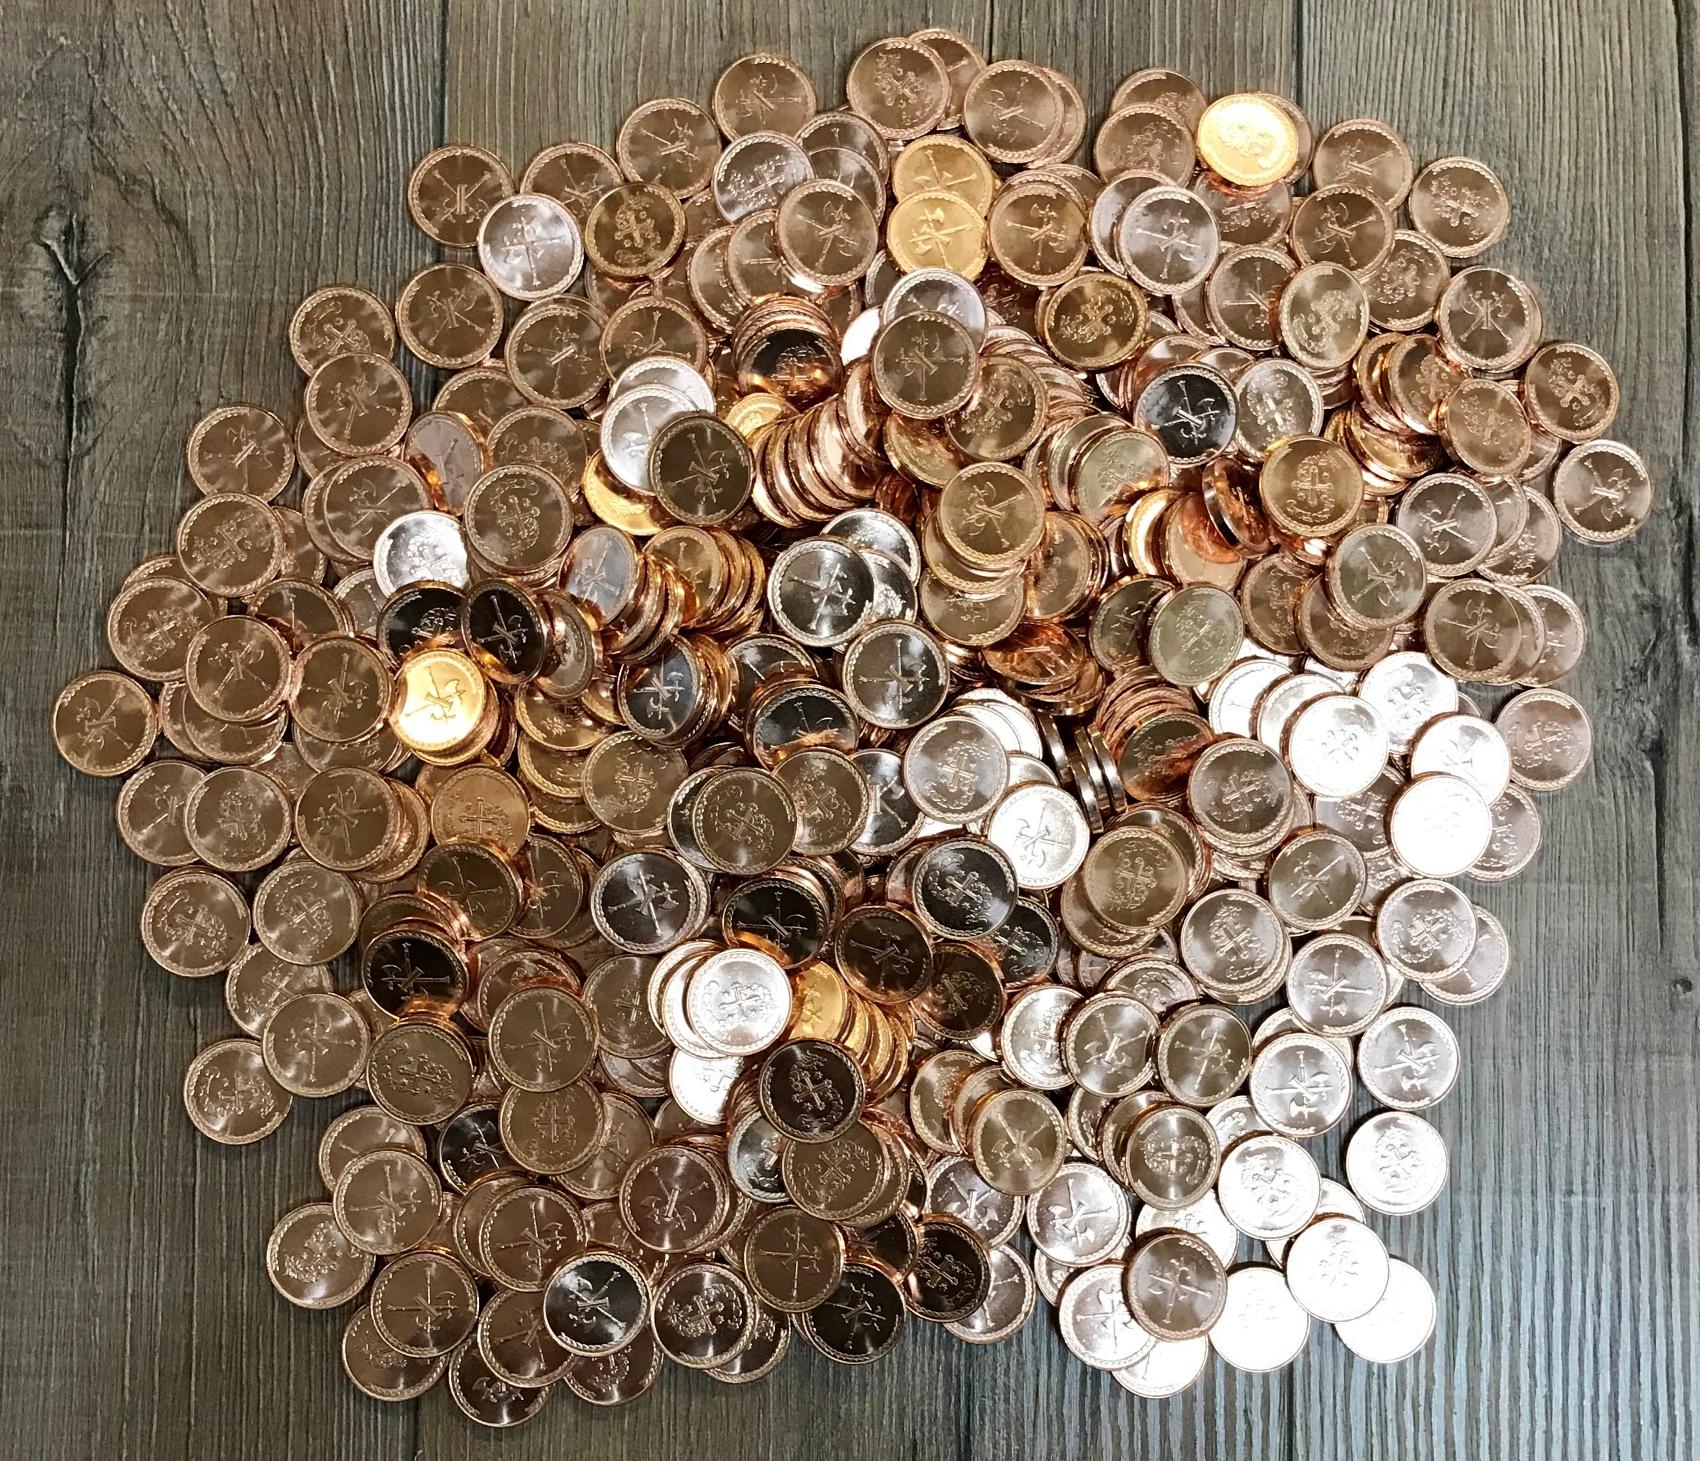 Münzen & Met für Orgas, Gruppen und Spielleitungen